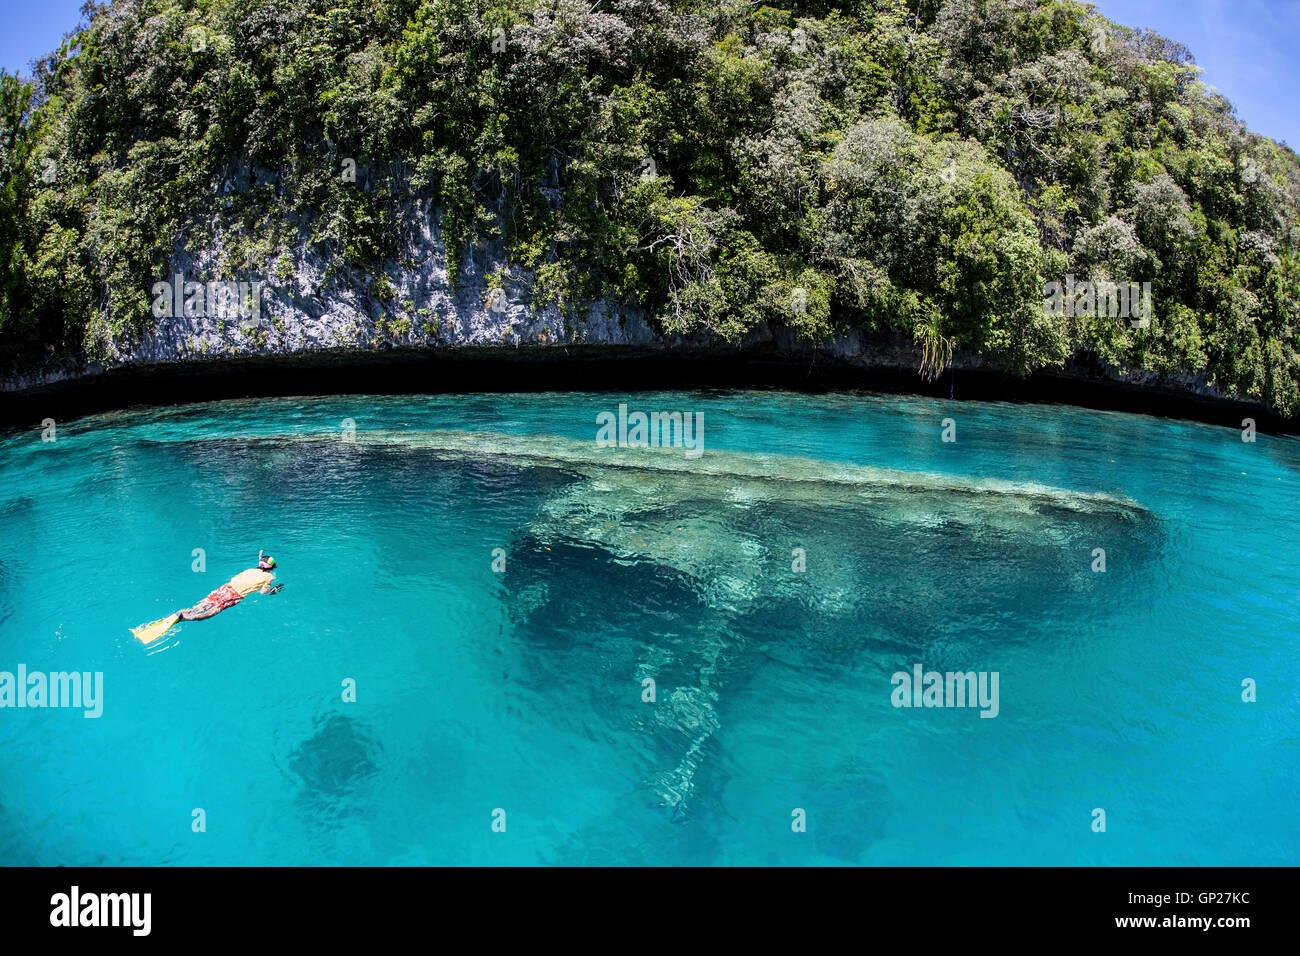 Shallow Shipwreck in Lagoon, Micronesia, Palau - Stock Image